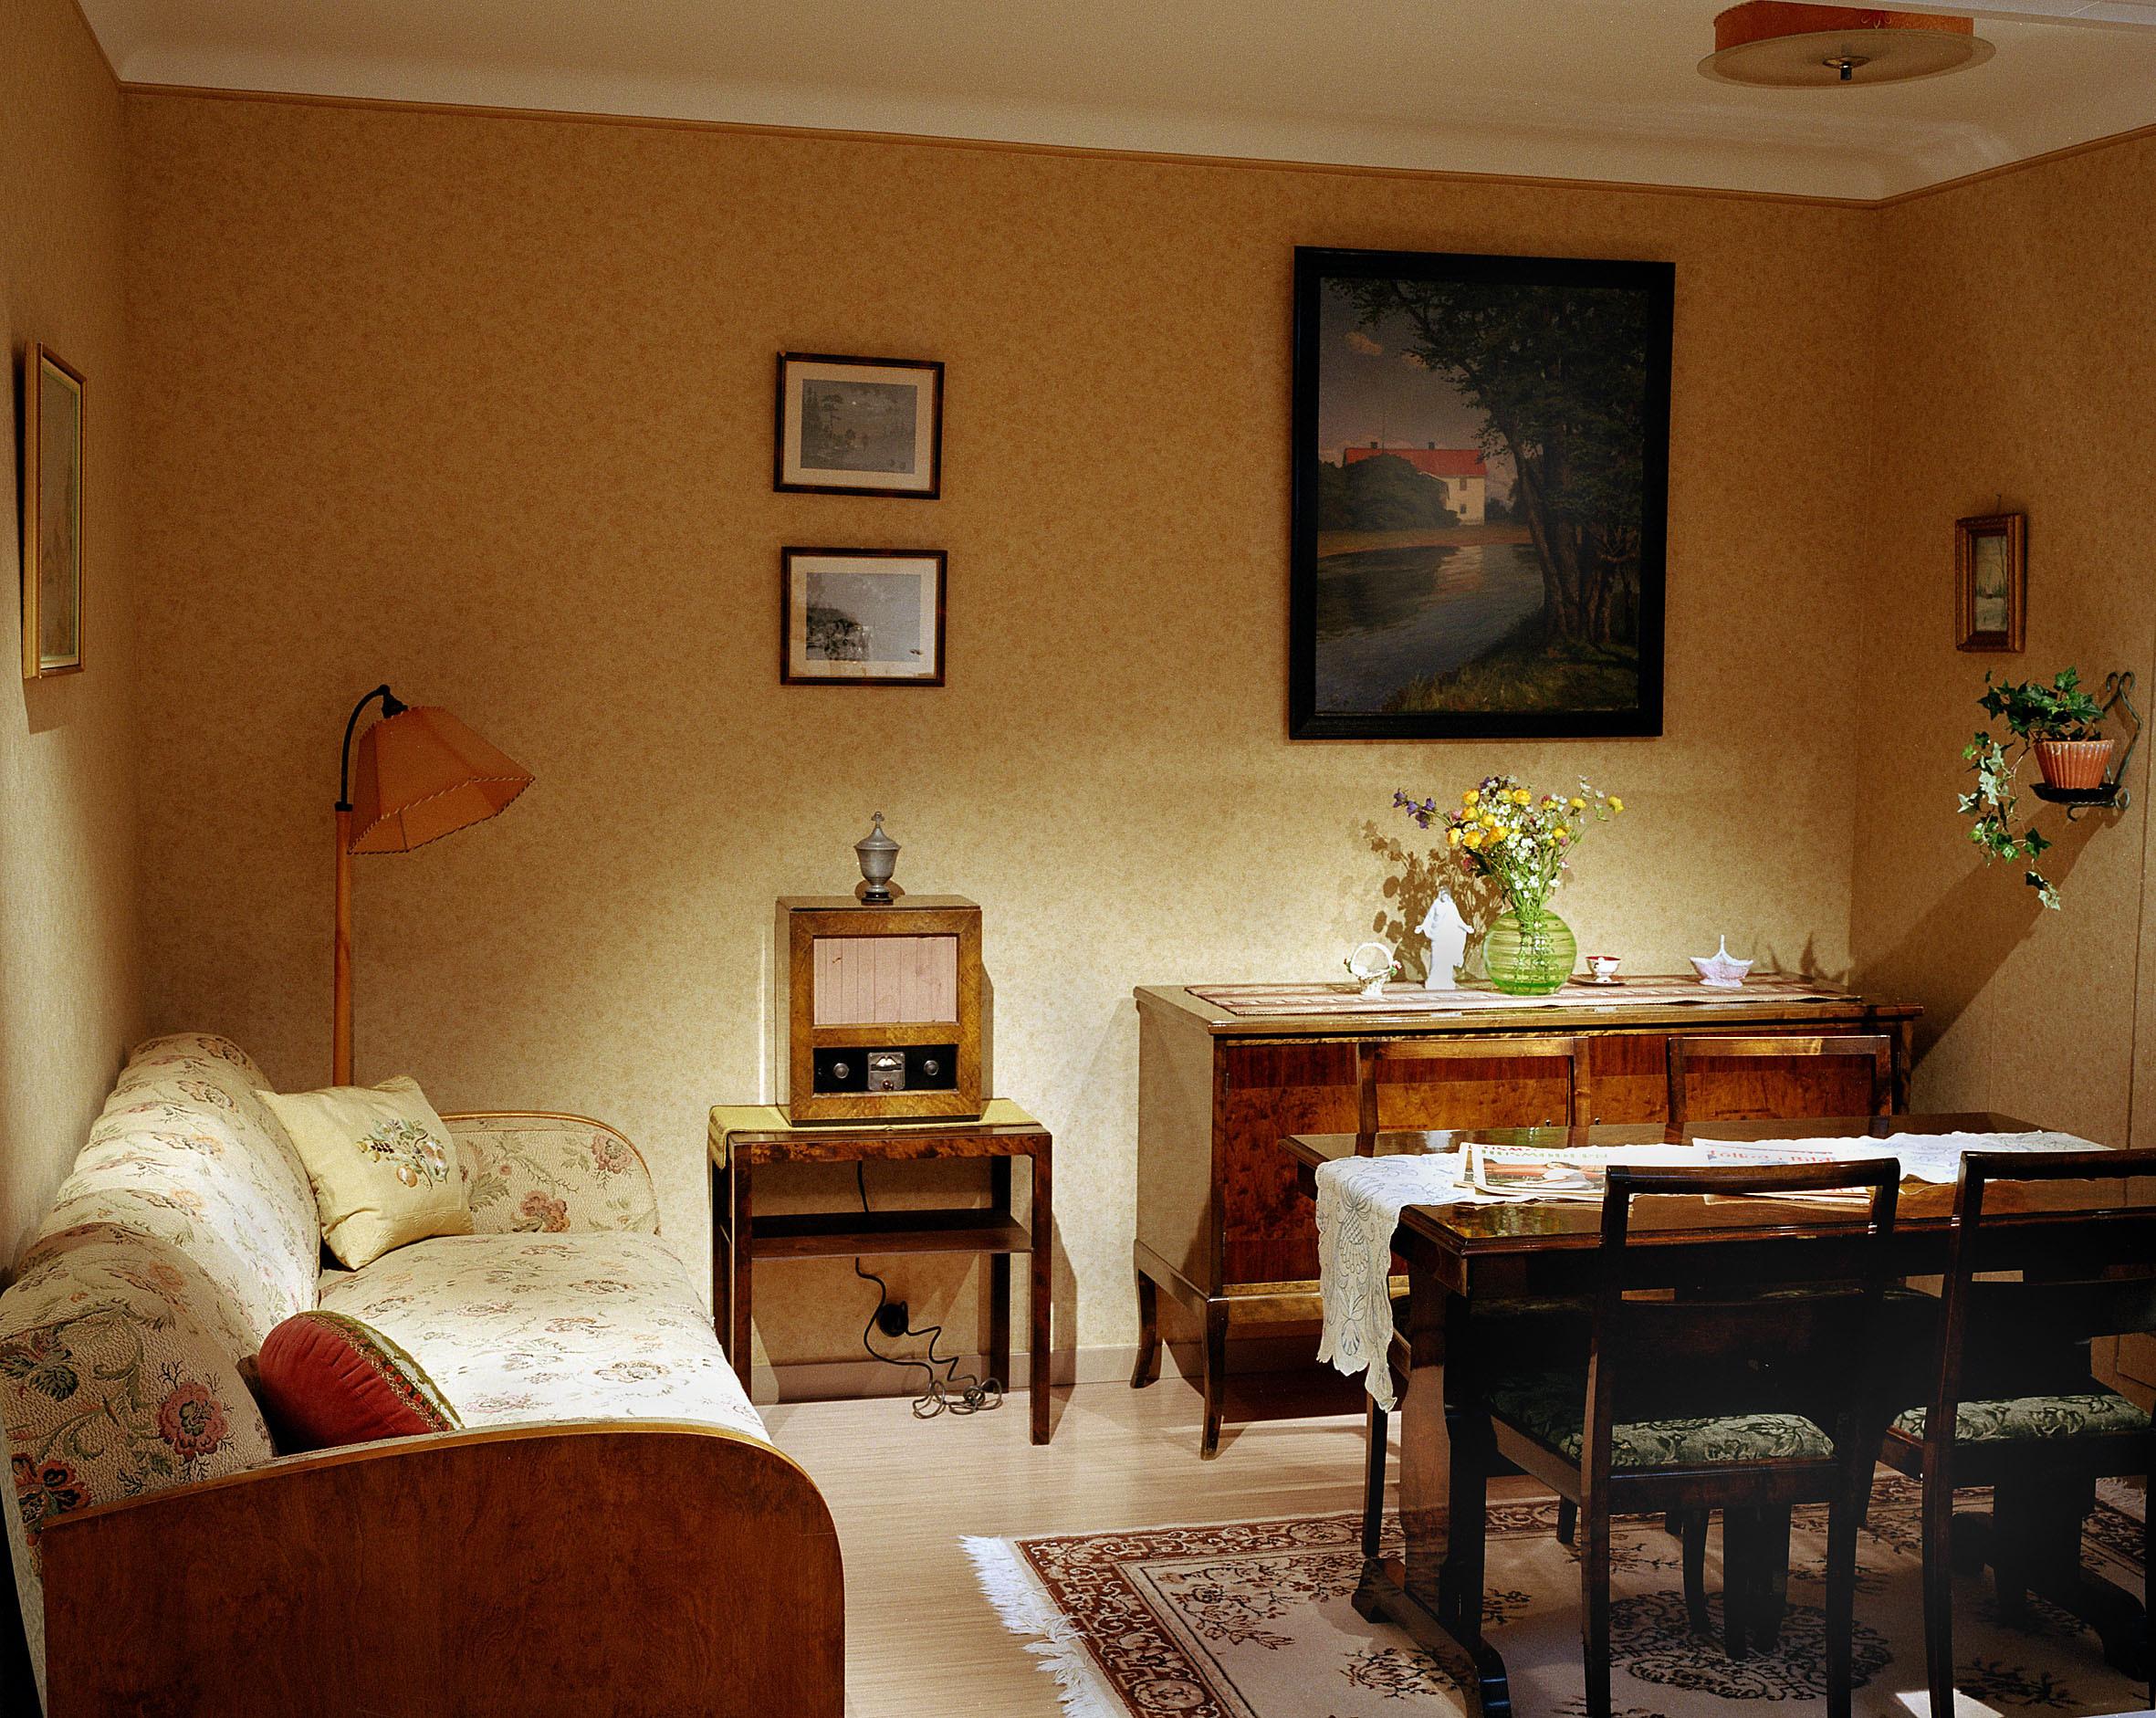 Del av ett vardagsrum eller finrum i en lägenhet i ett flerfamiljshus från 1939.